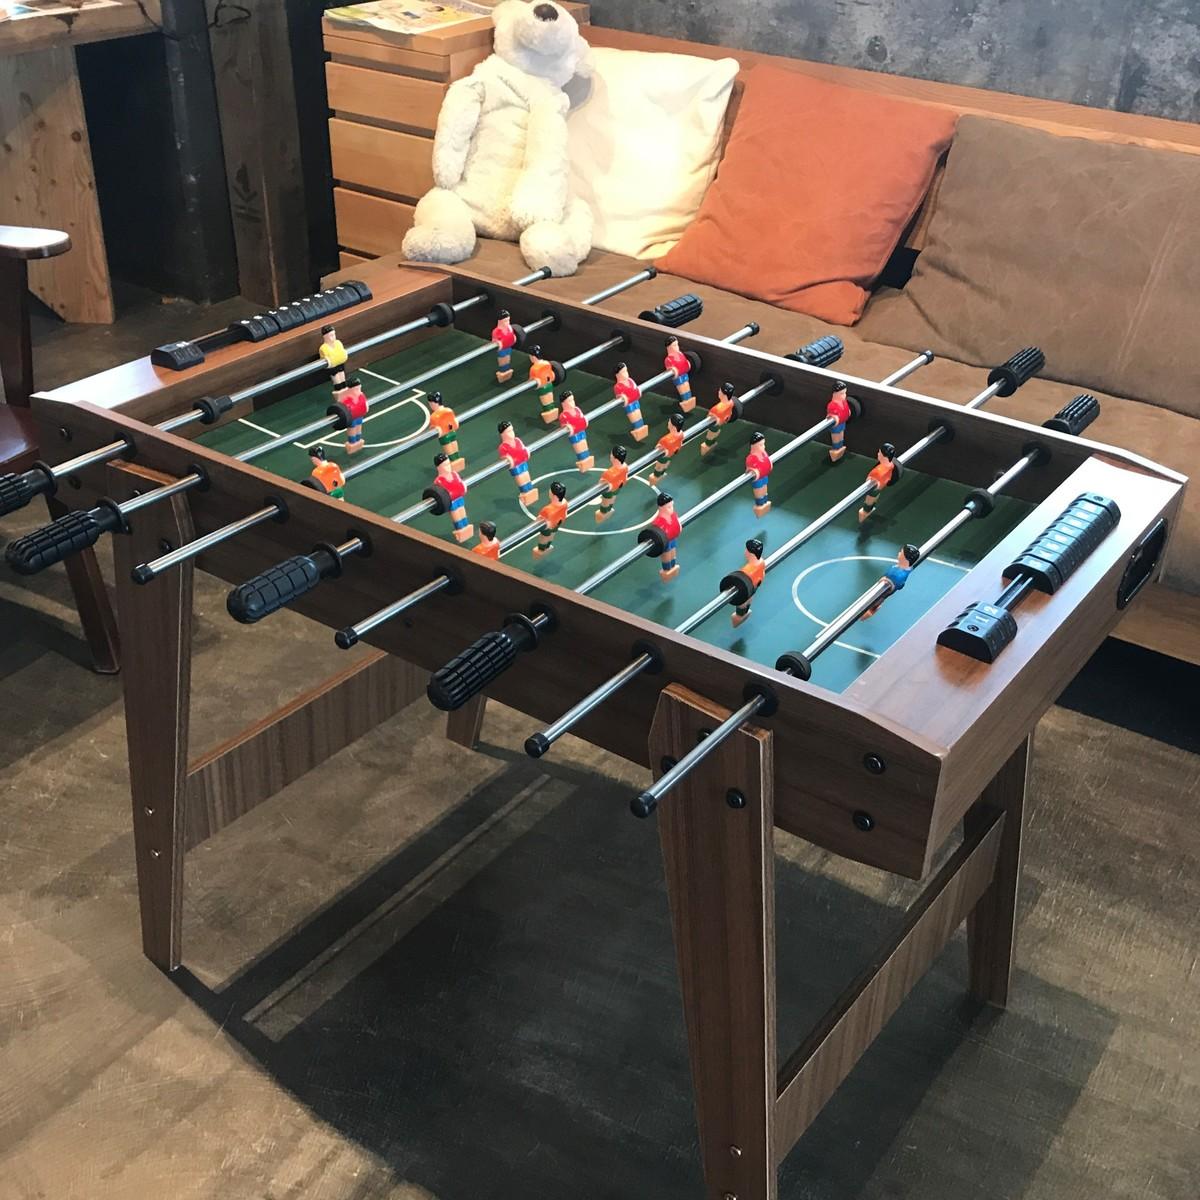 送料無料 サッカーゲーム 本格 テーブルゲーム ボードゲーム サッカーゲーム盤 Soccer game Wood サッカー